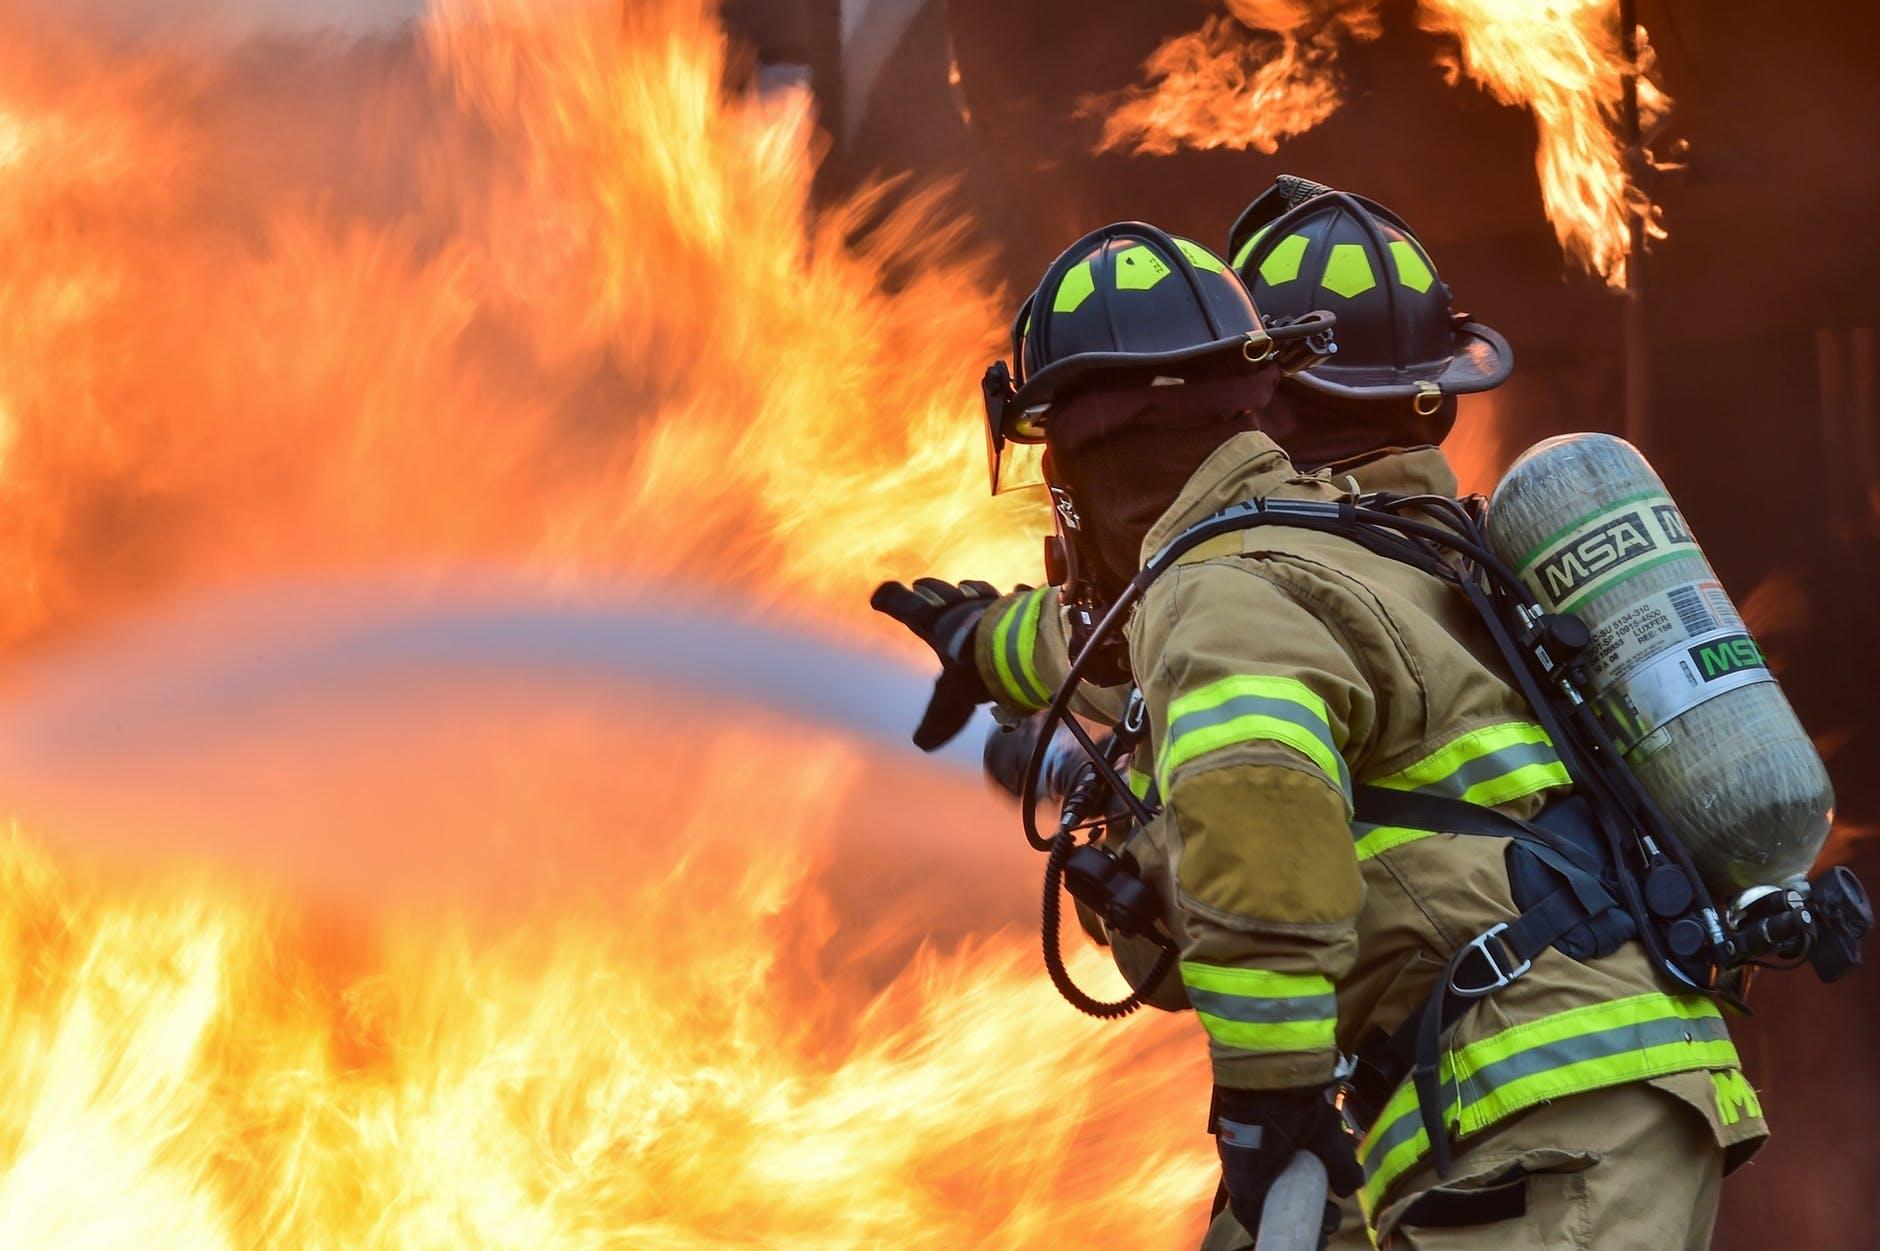 סכנת שריפה – איך להתגונן